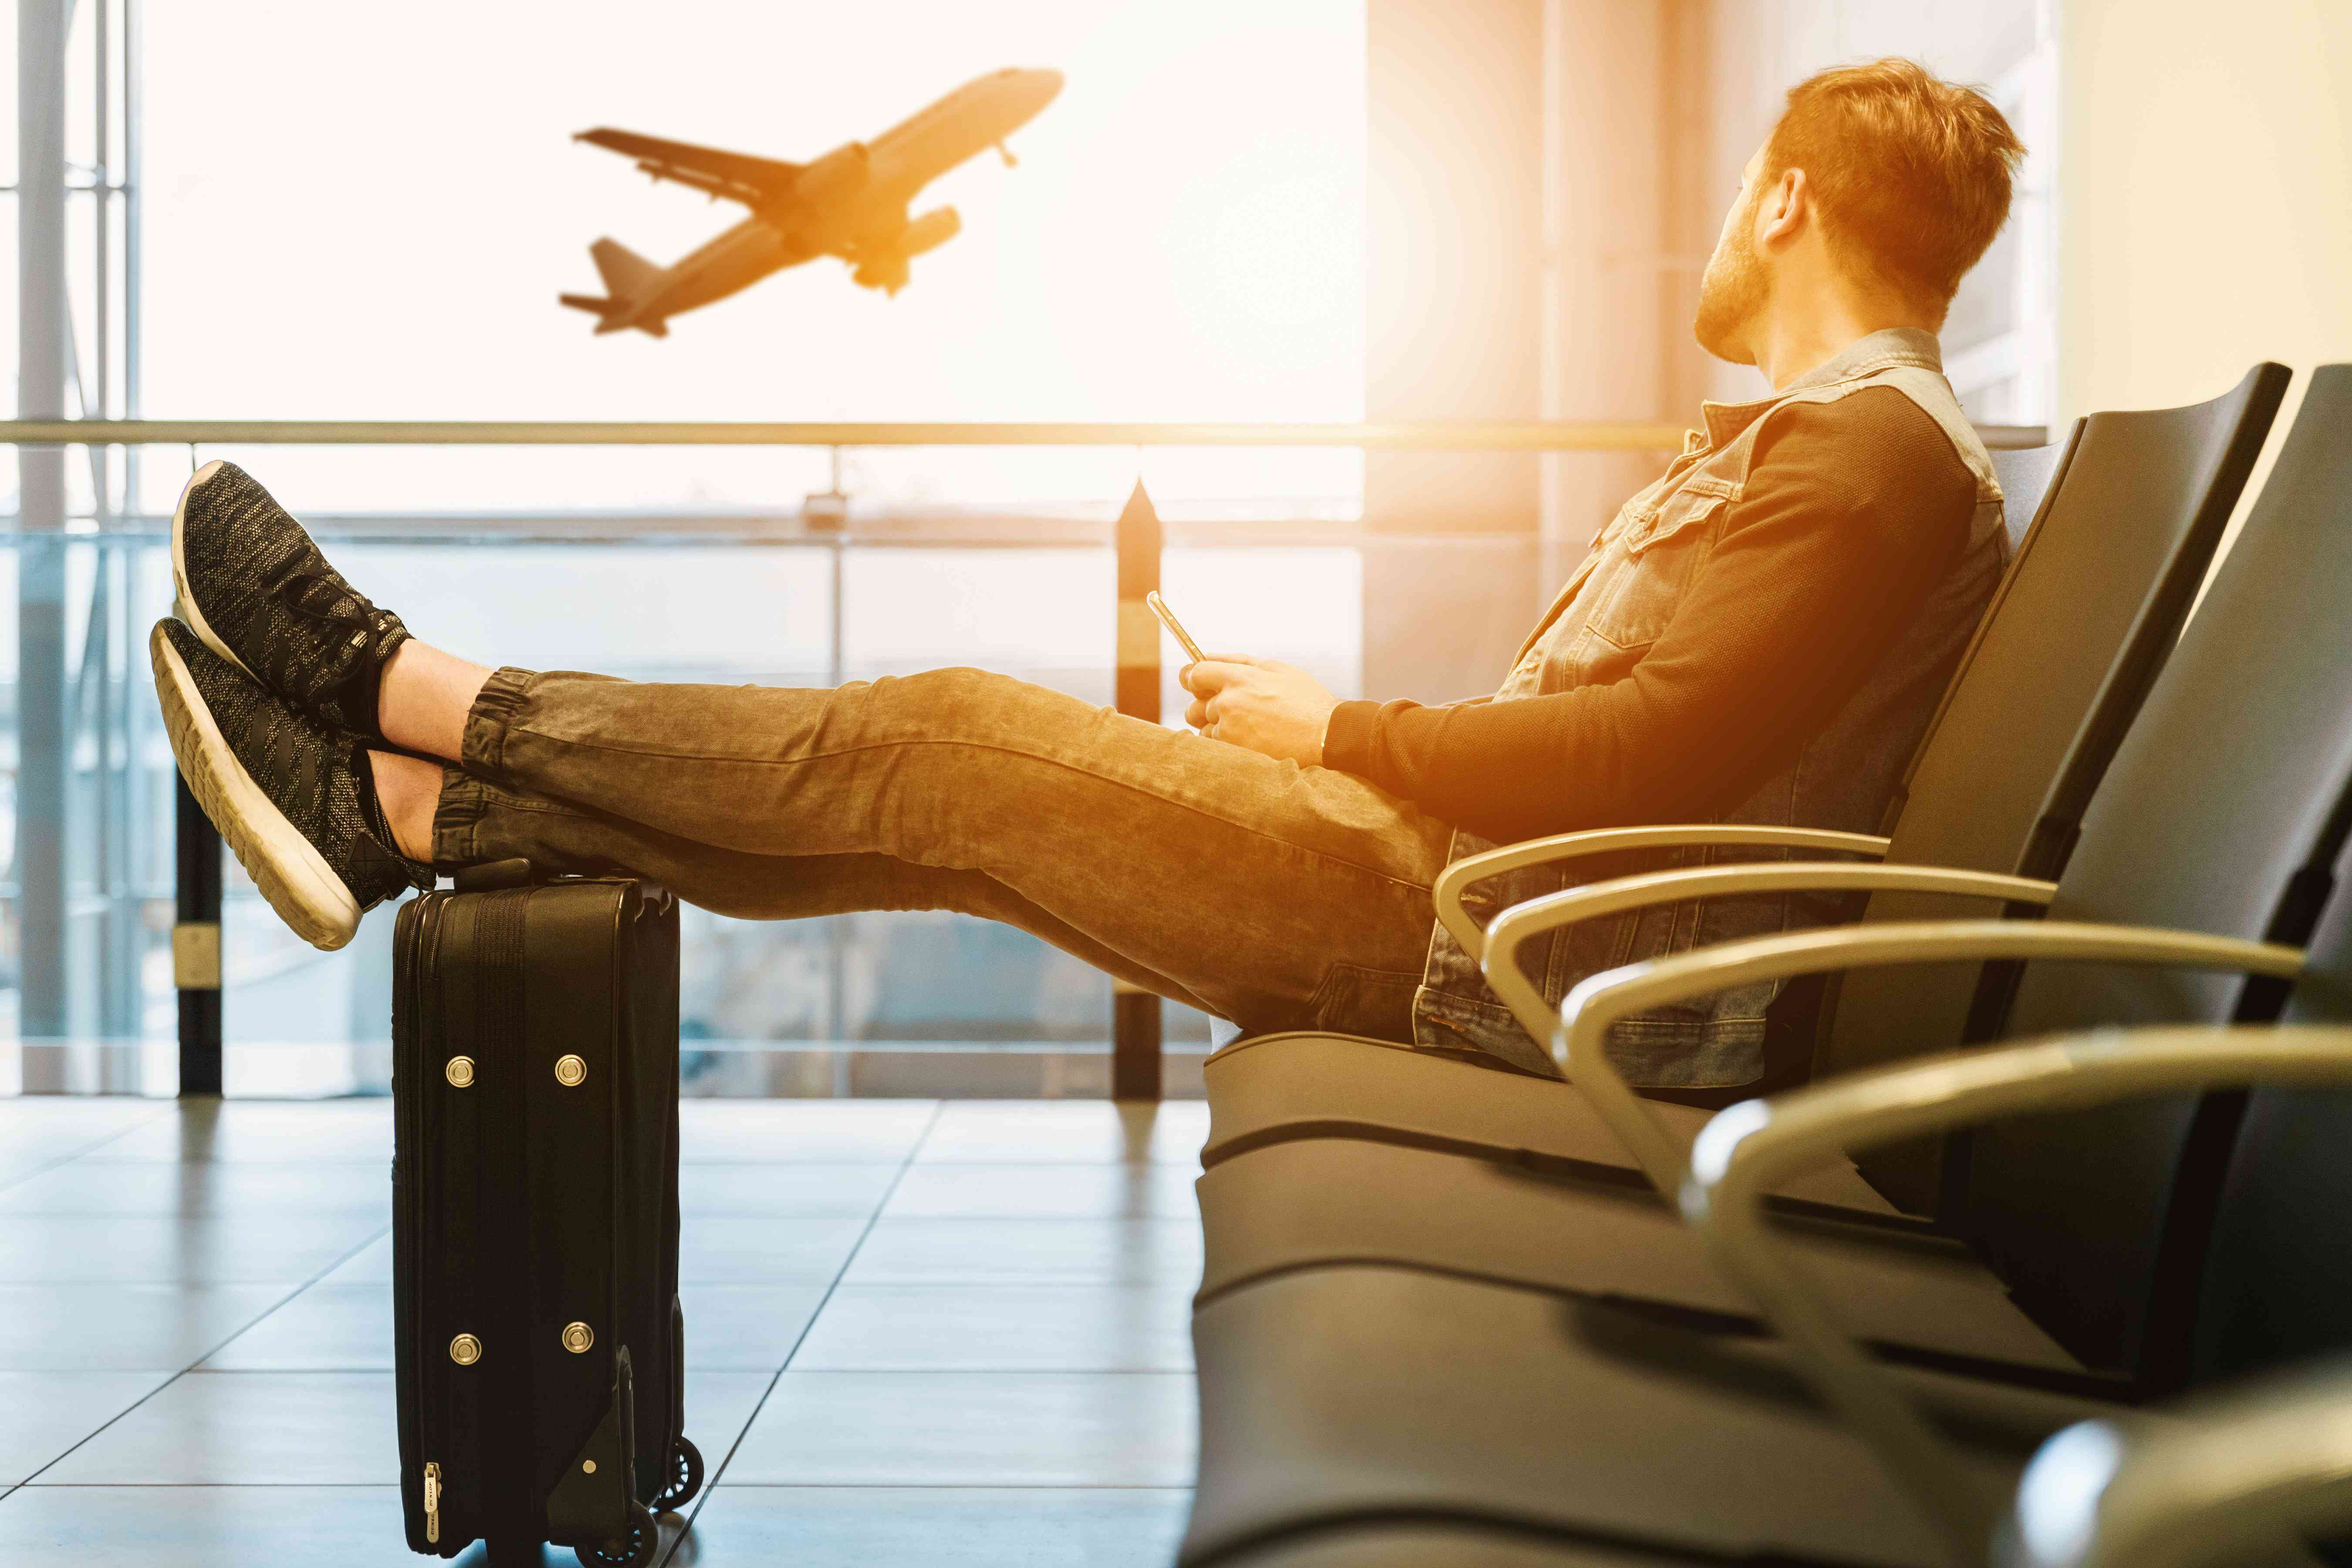 Perché scegliere un soggiorno studio all'estero per imparare l'inglese